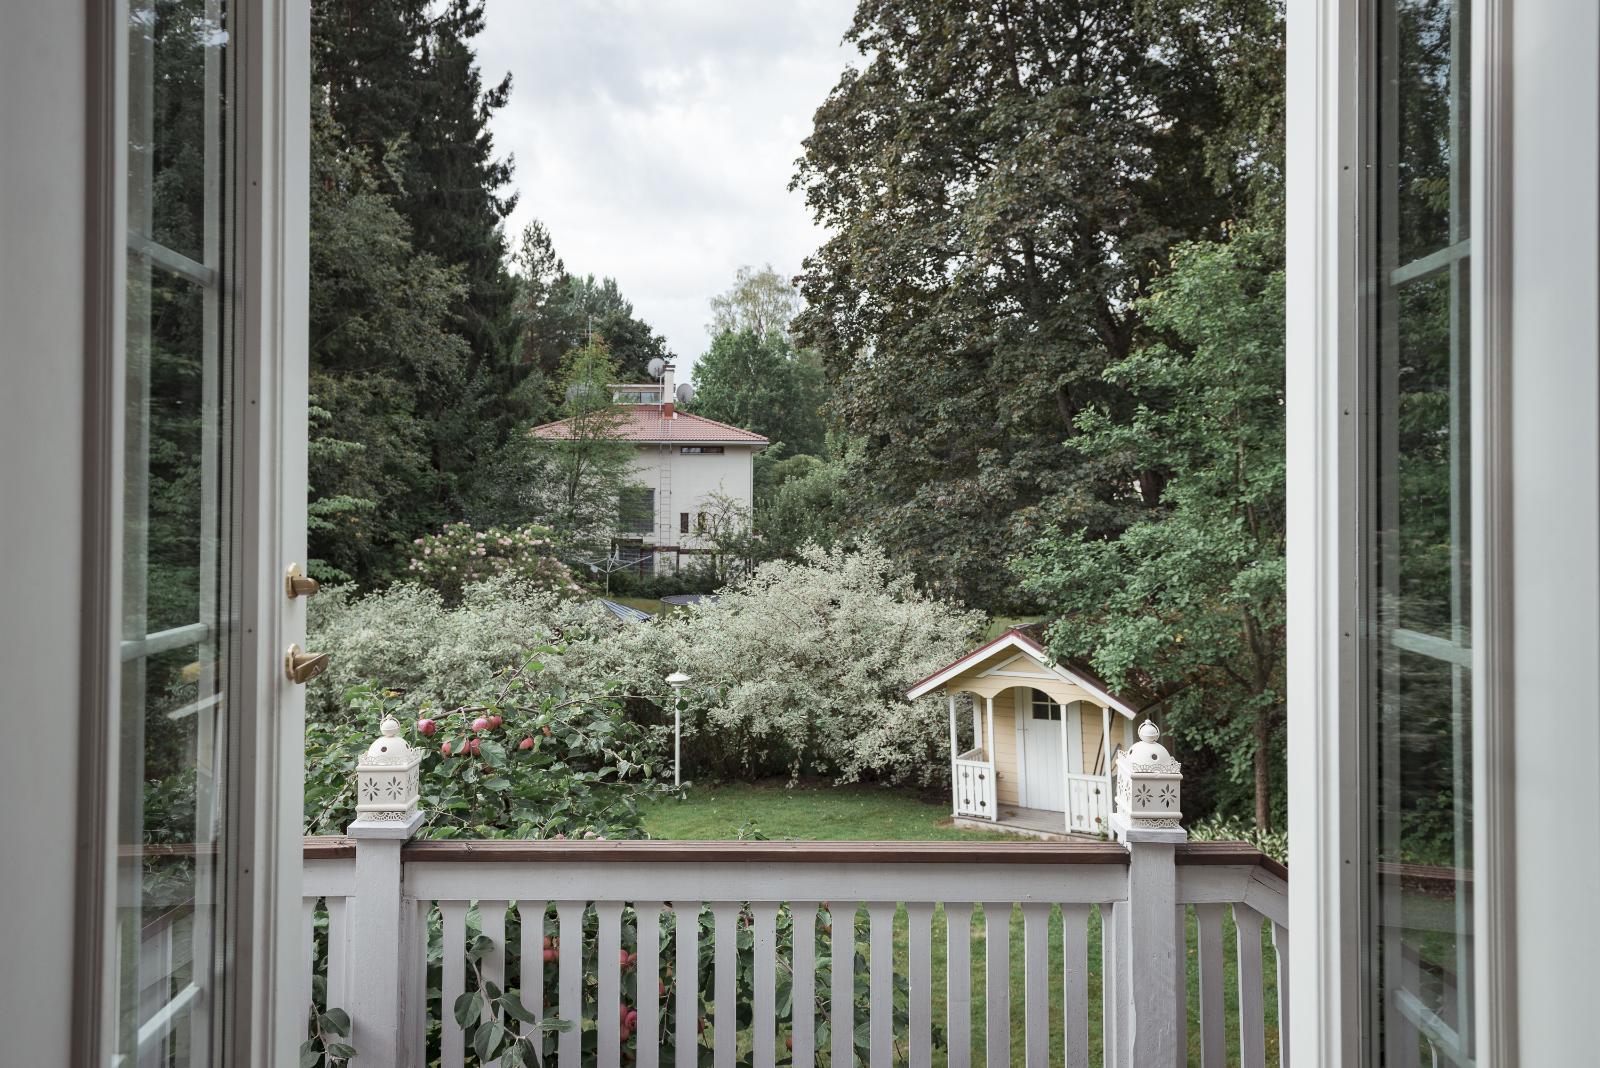 Kartanomainen talo ja vehmas puutarhapiha muodostavat idyllisen kokonaisuuden. title=